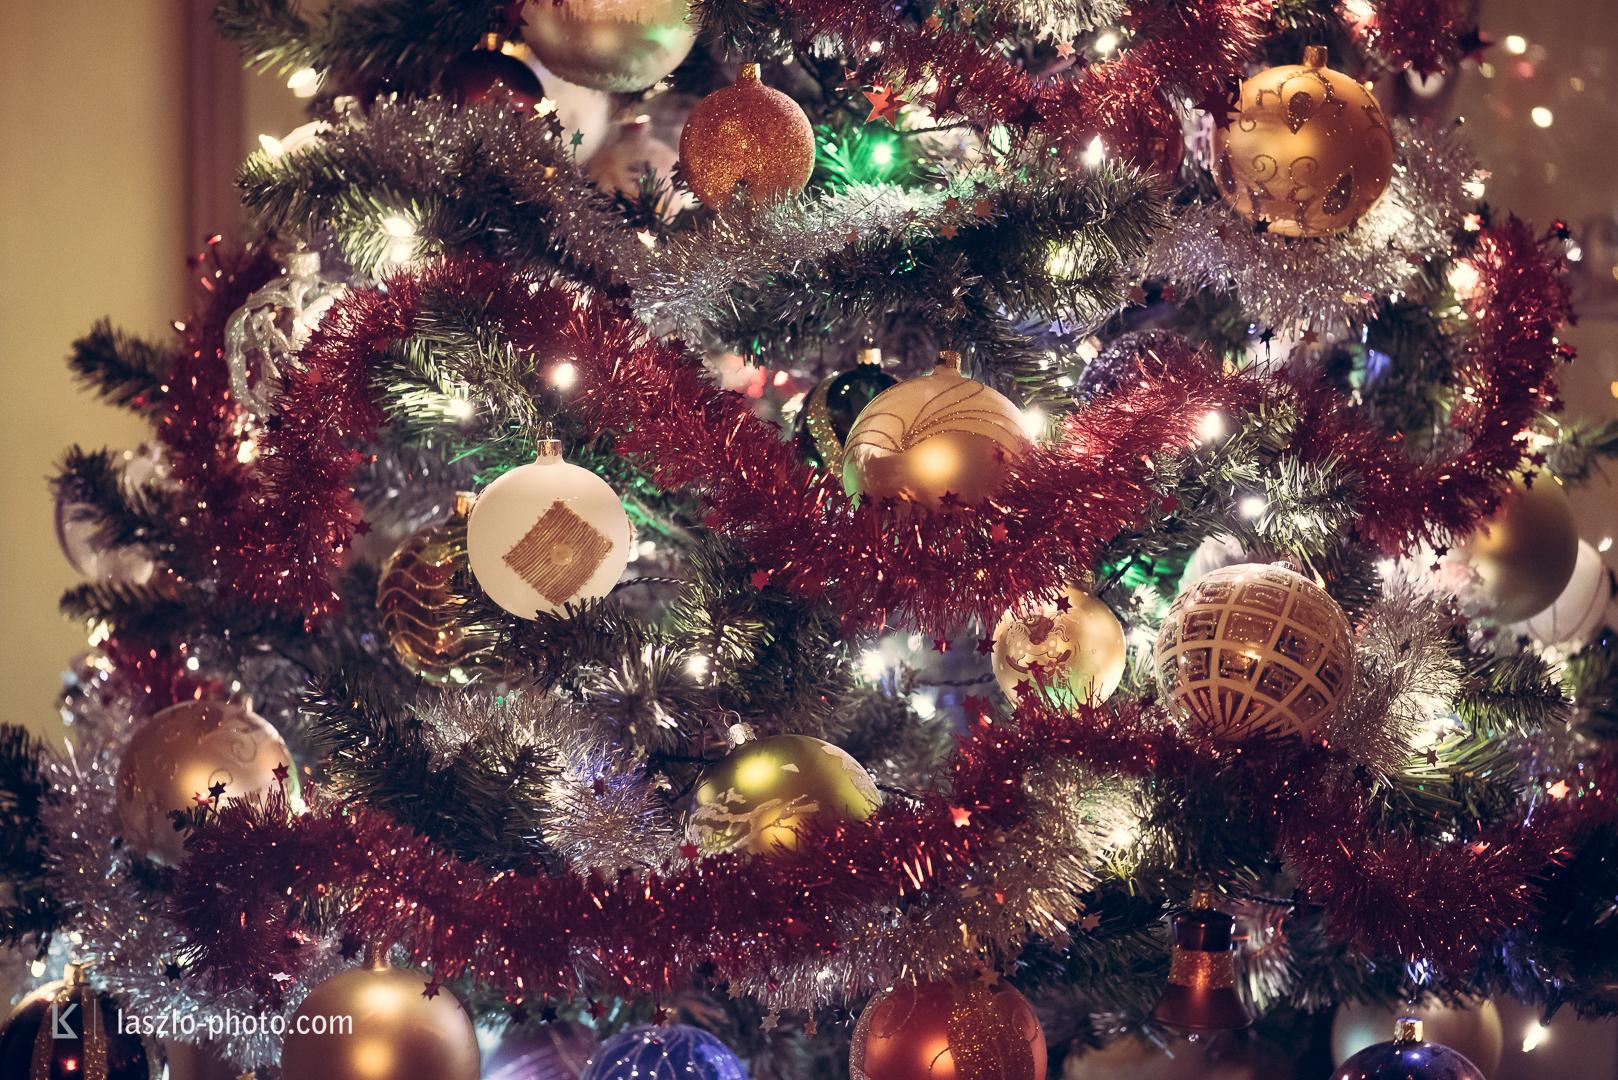 20161224_Weihnachten_Christbaum-0026